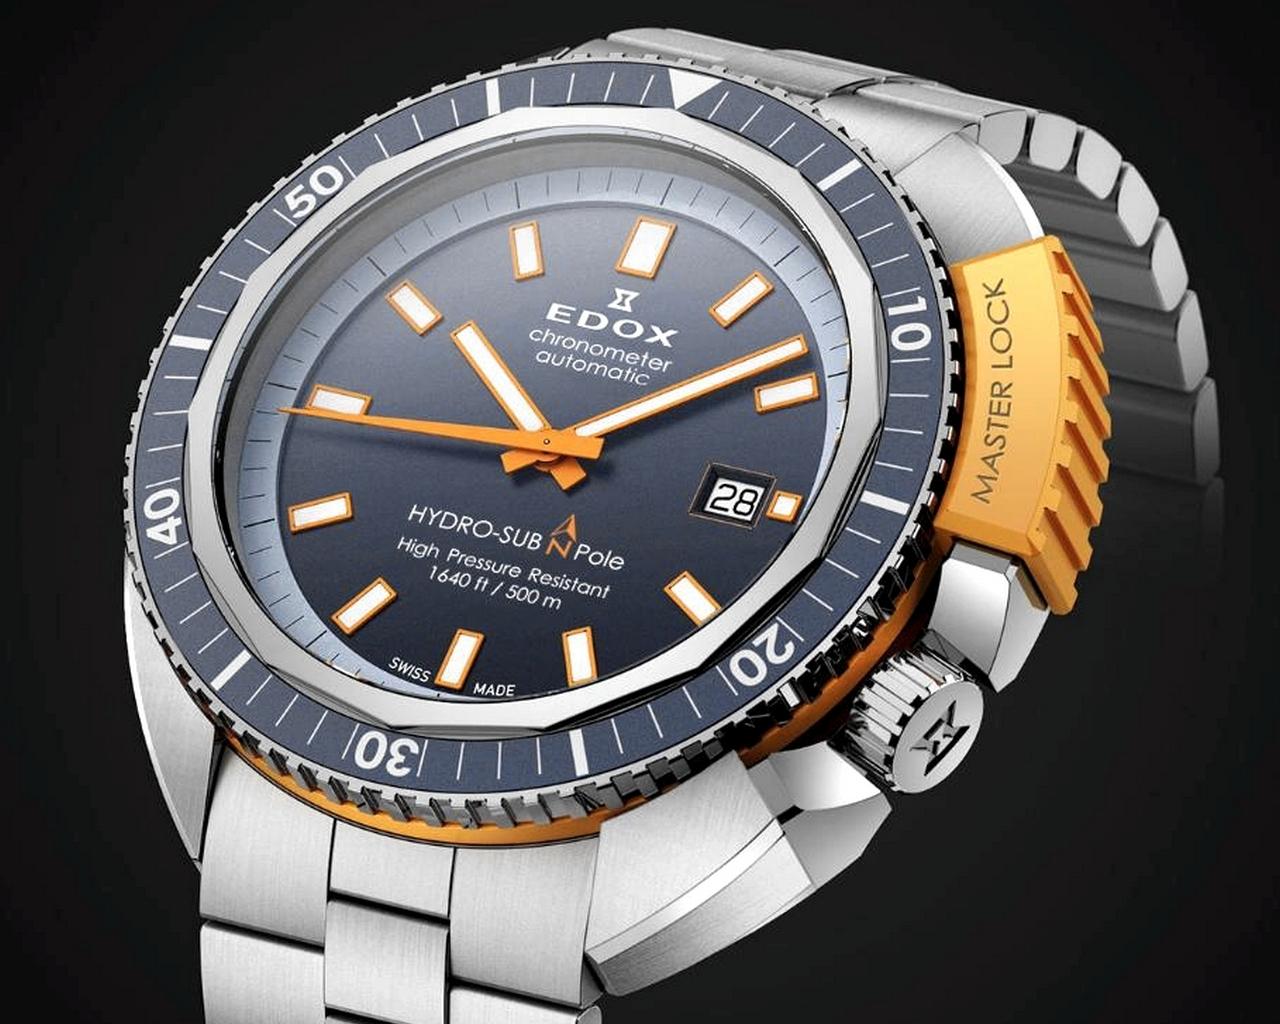 edox-hydro-sub-automatic-date-prezzo-price_0-100_1